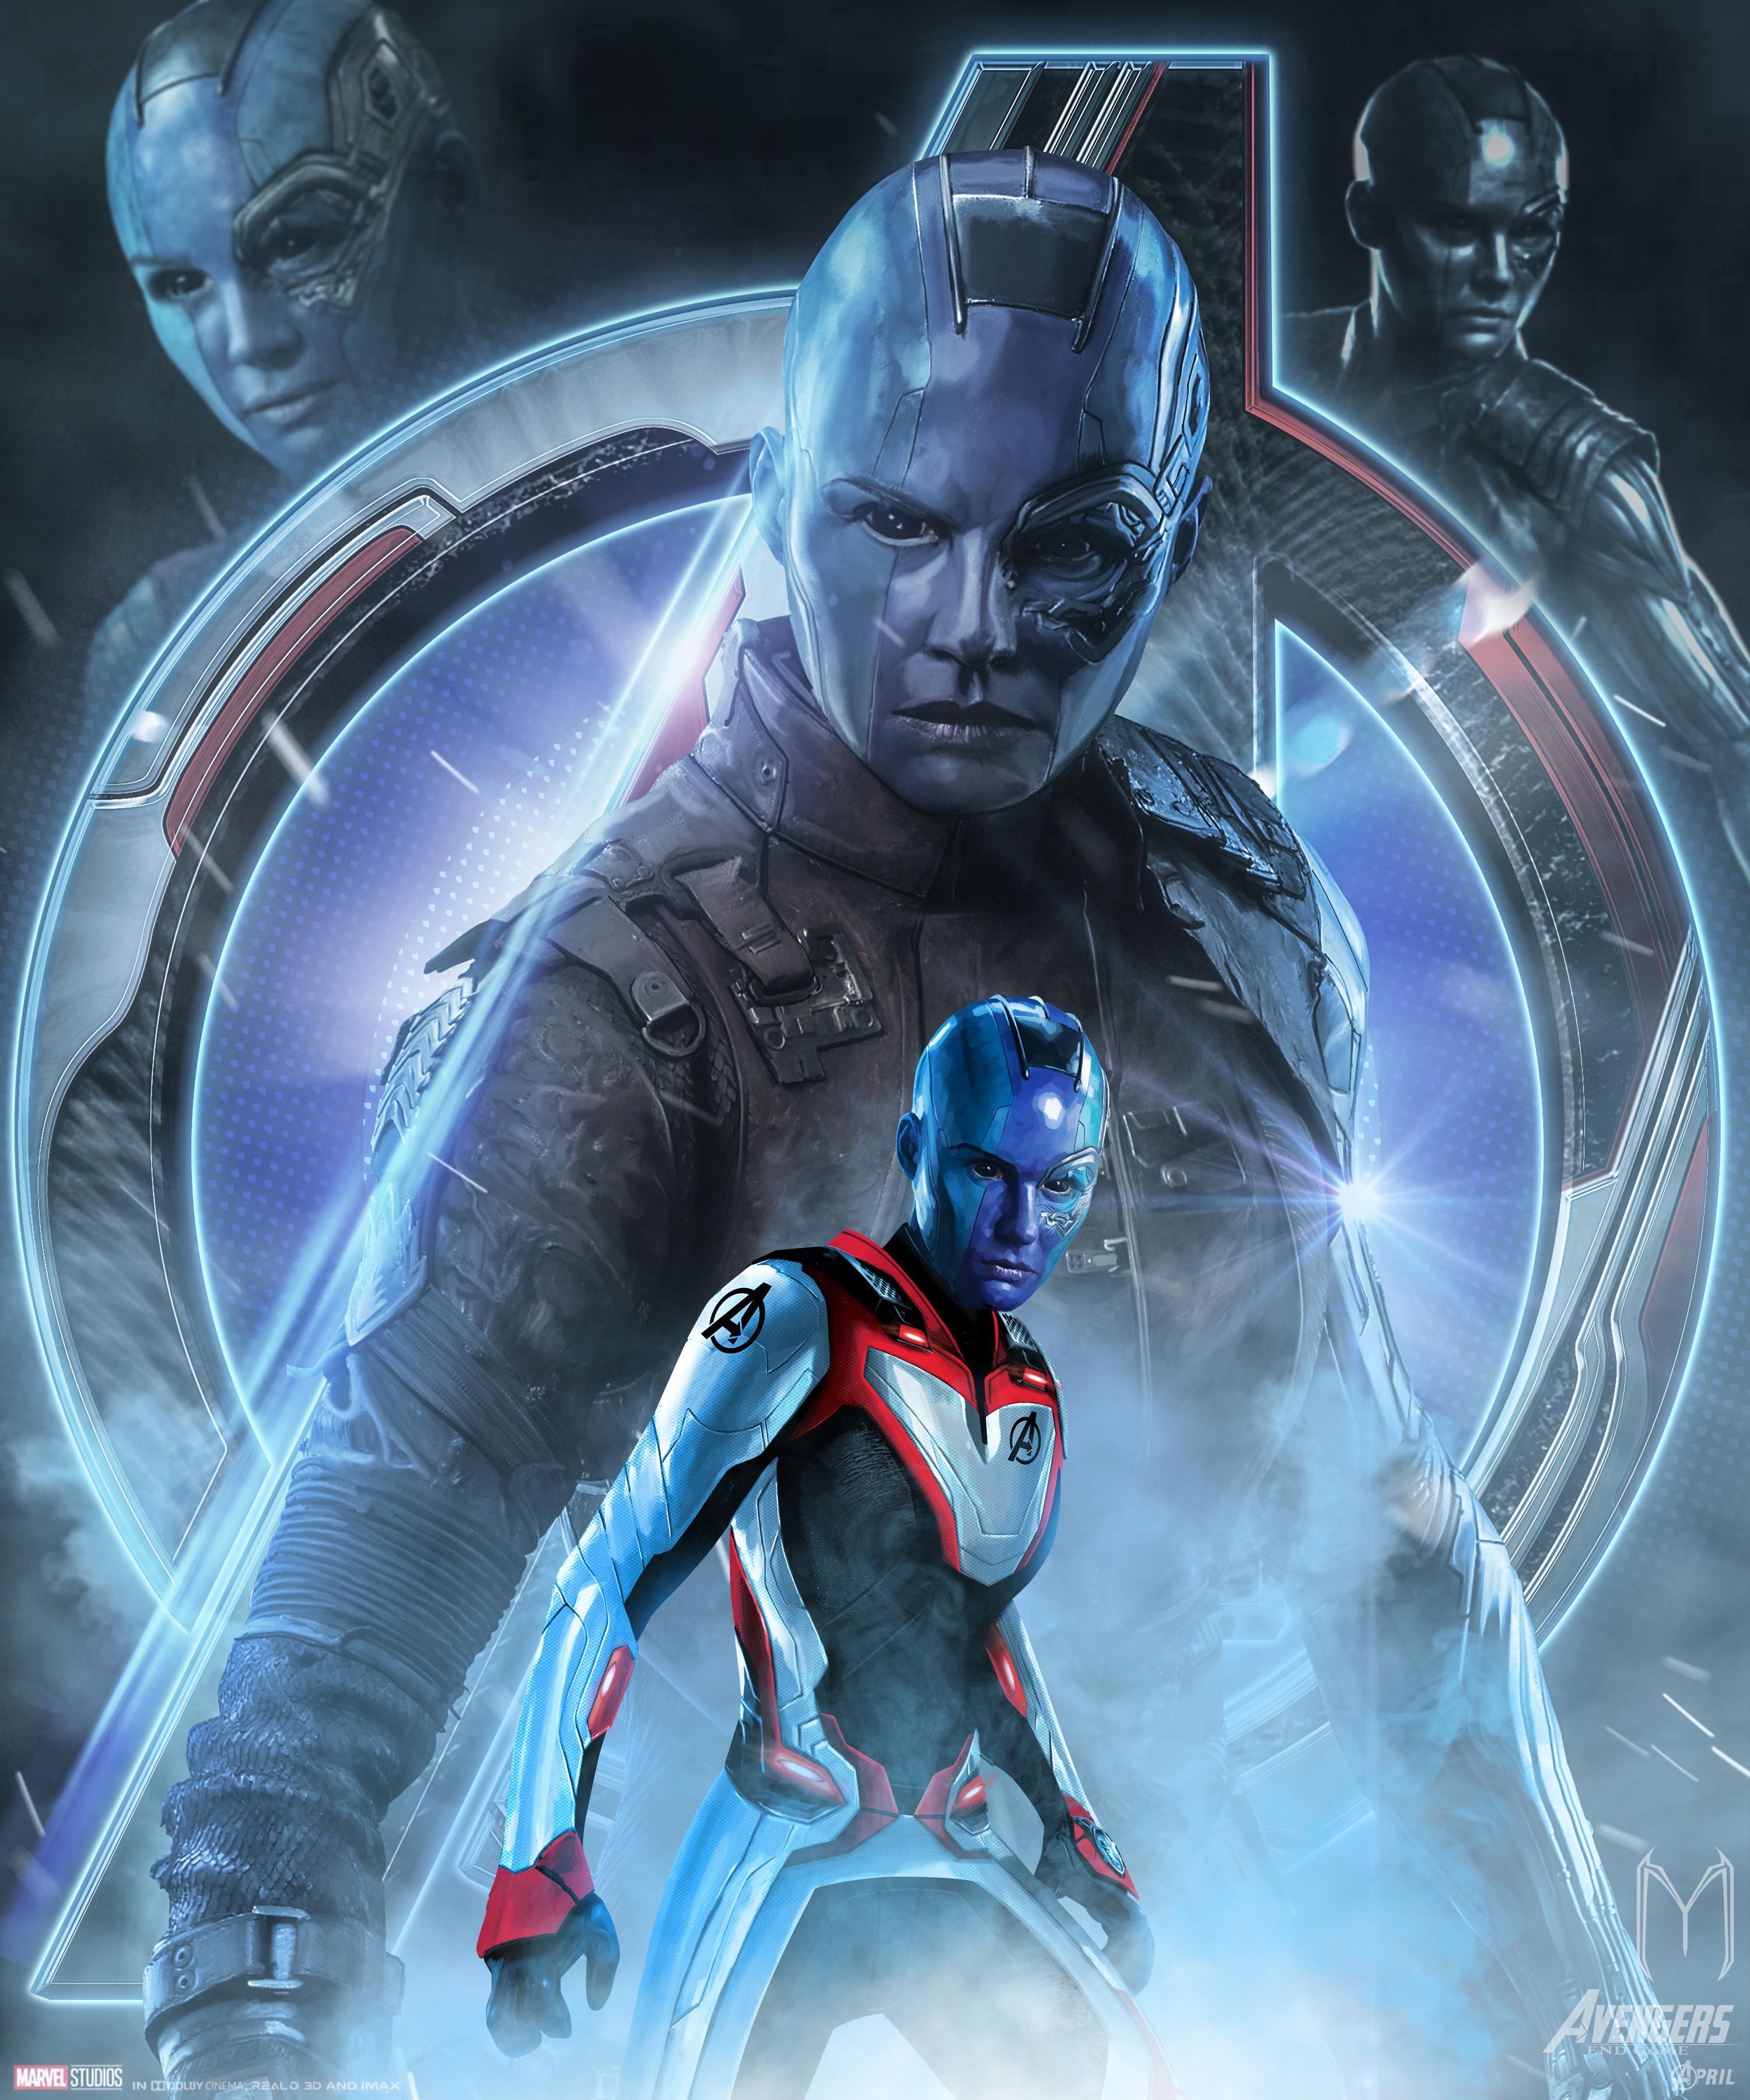 Avengers Endgame Nebula Poster Art Wallpaper, HD Movies 4K